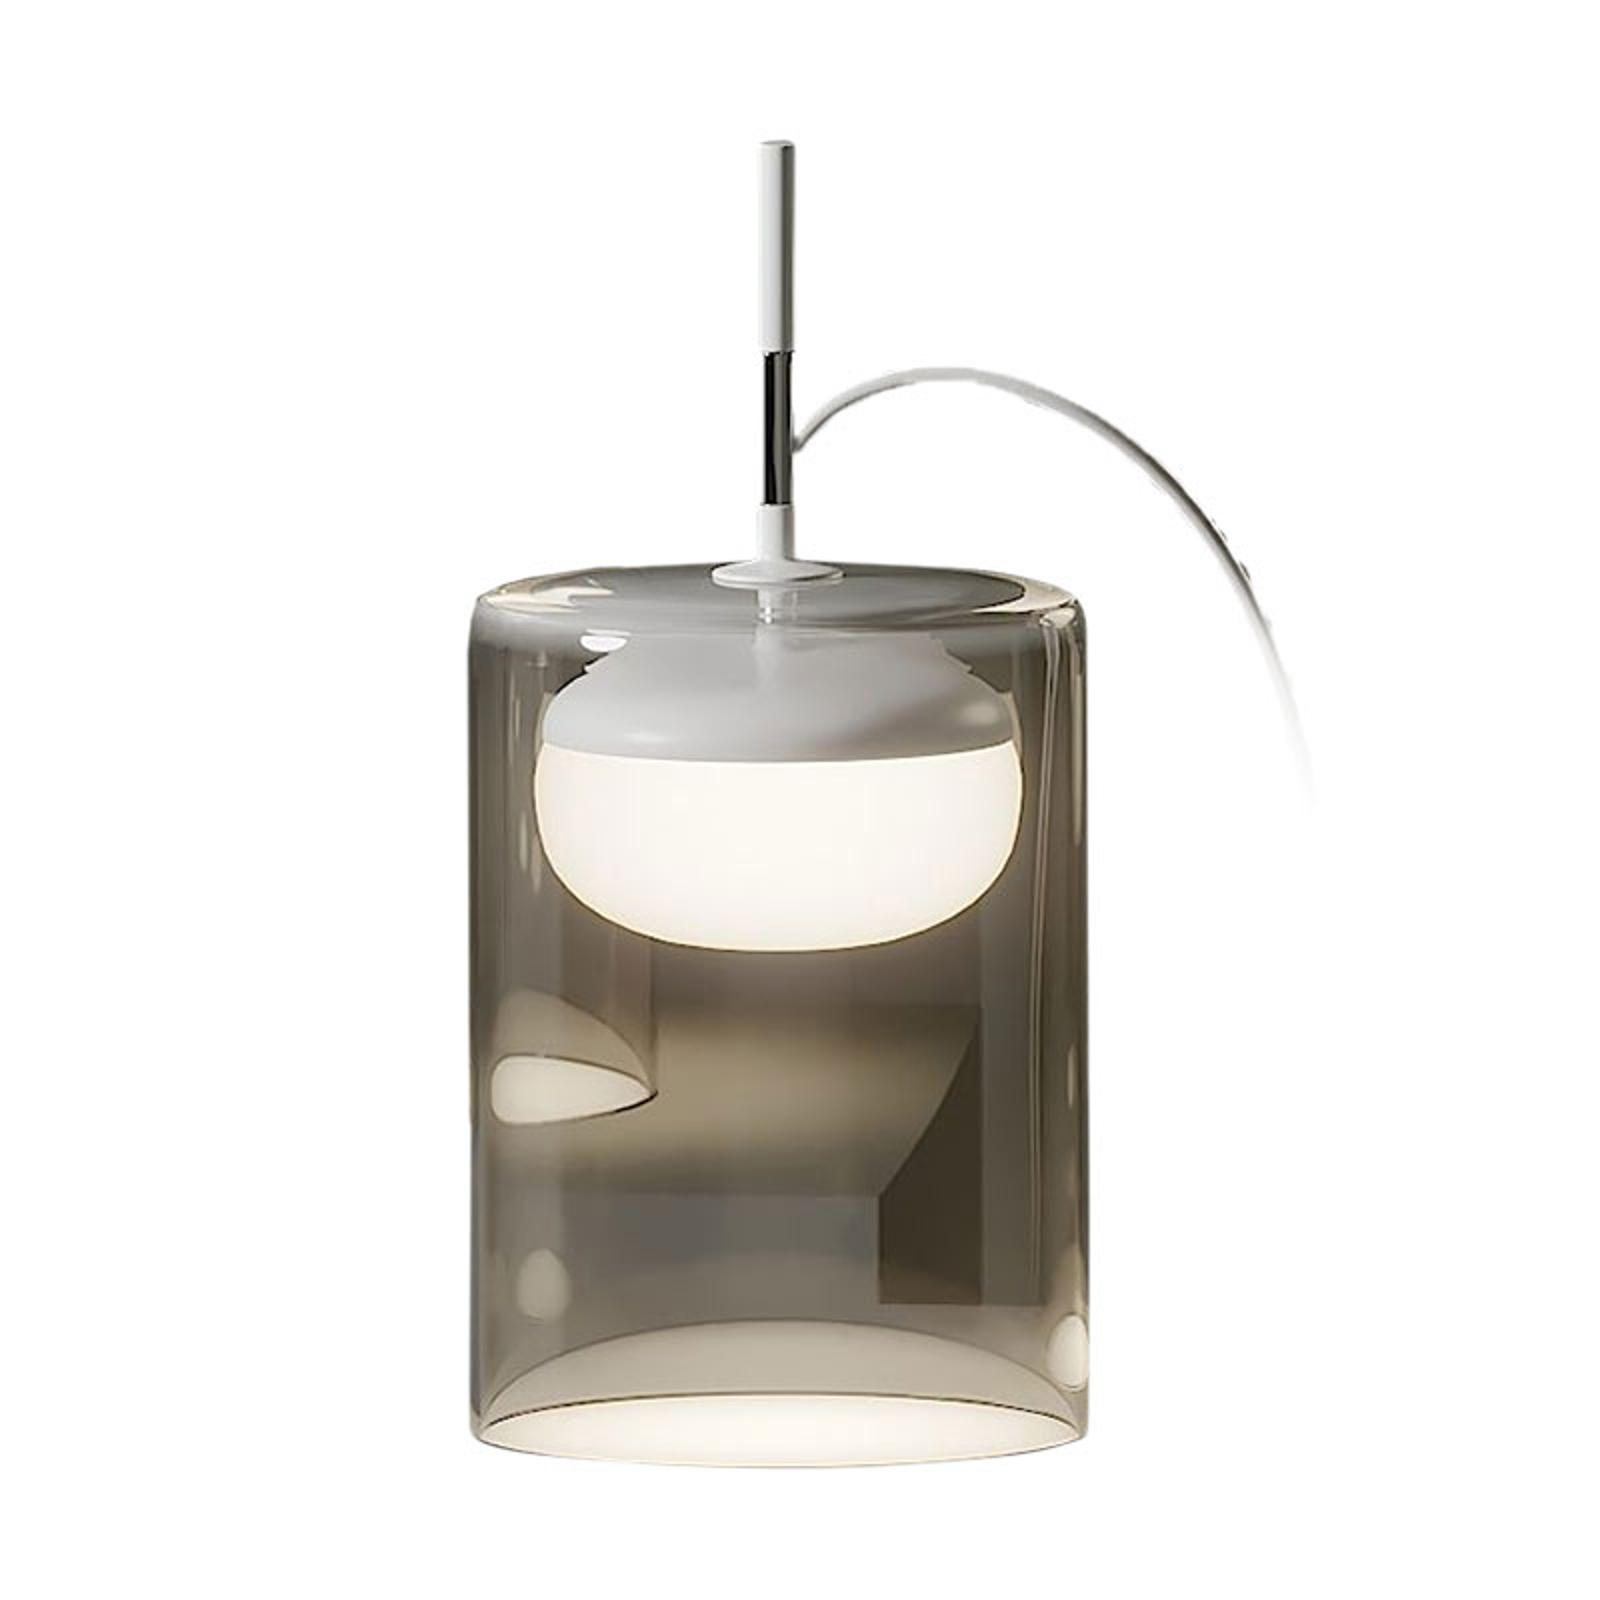 Prandina Diver LED-Tischleuchte T1 2.700K weiß